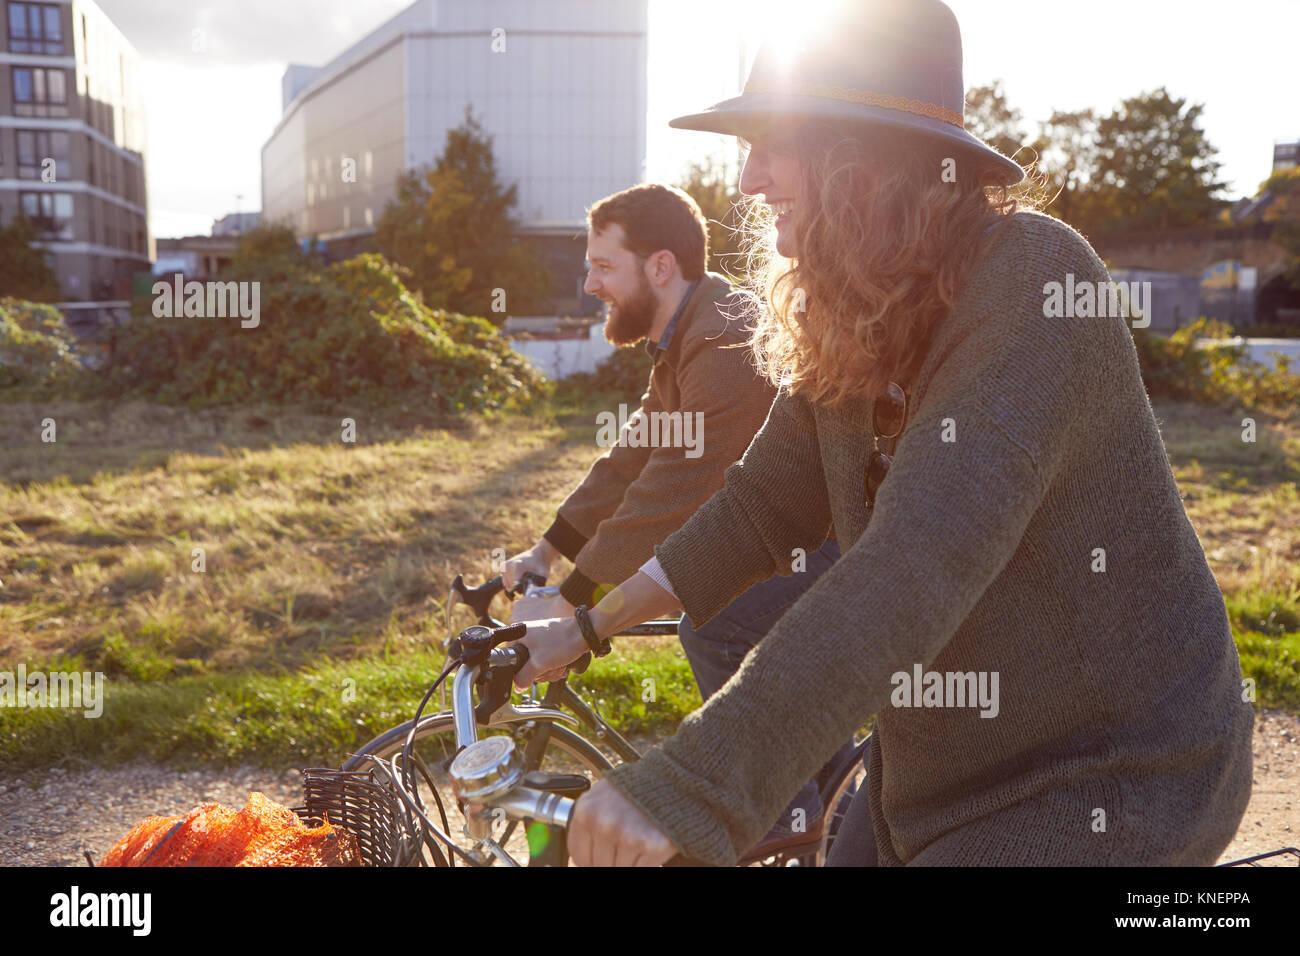 Couple enjoying cycling on marshes - Stock Image